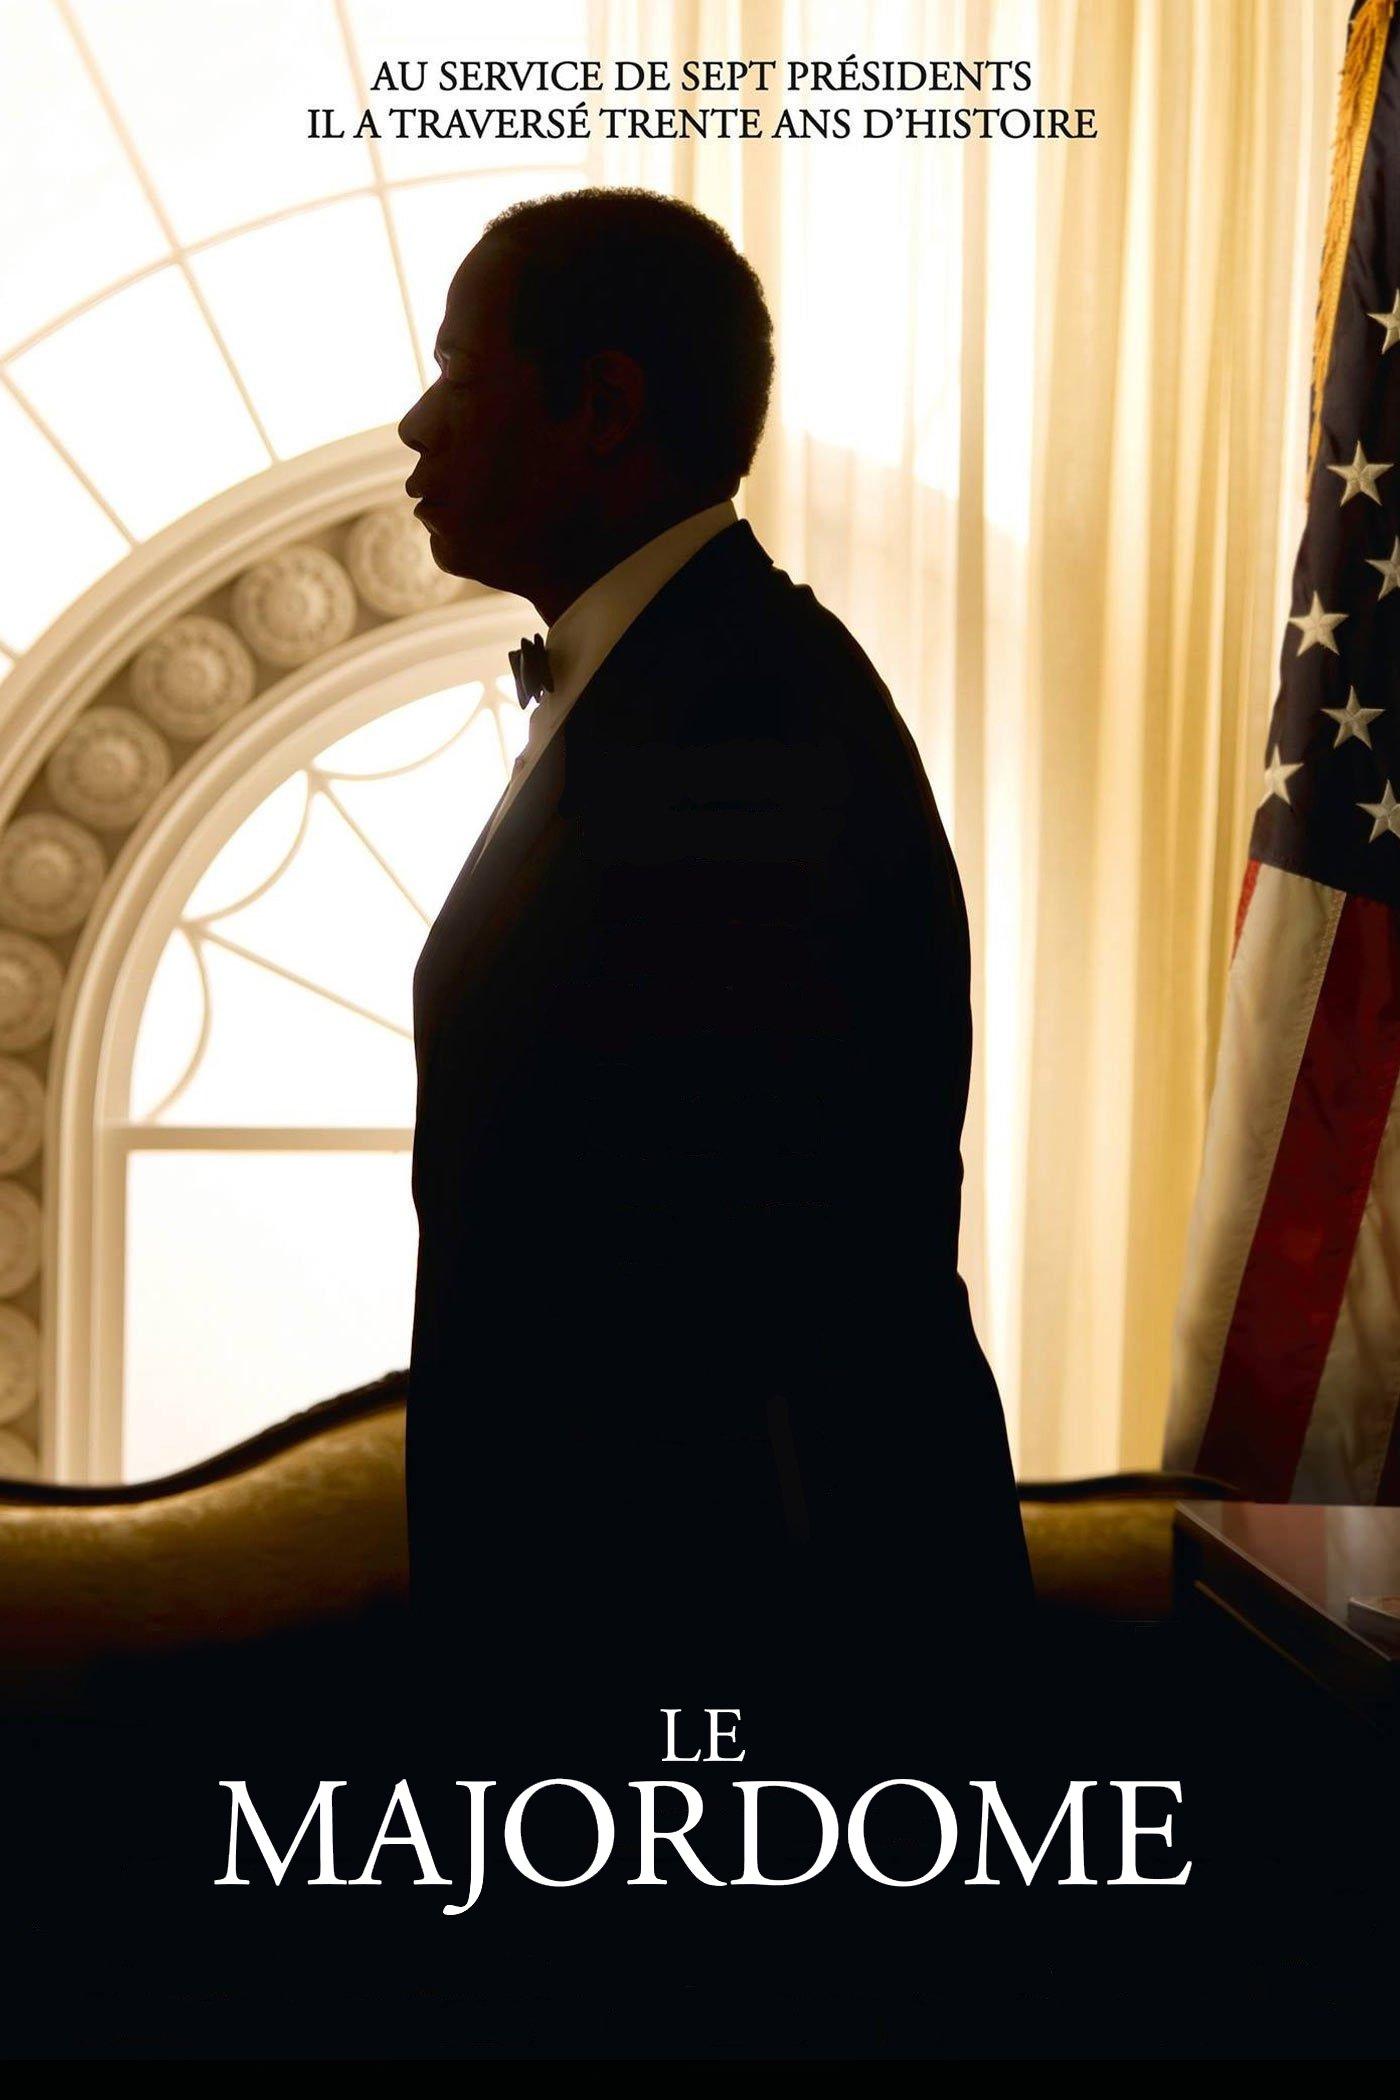 """Affiche du film """"Le Majordome"""""""